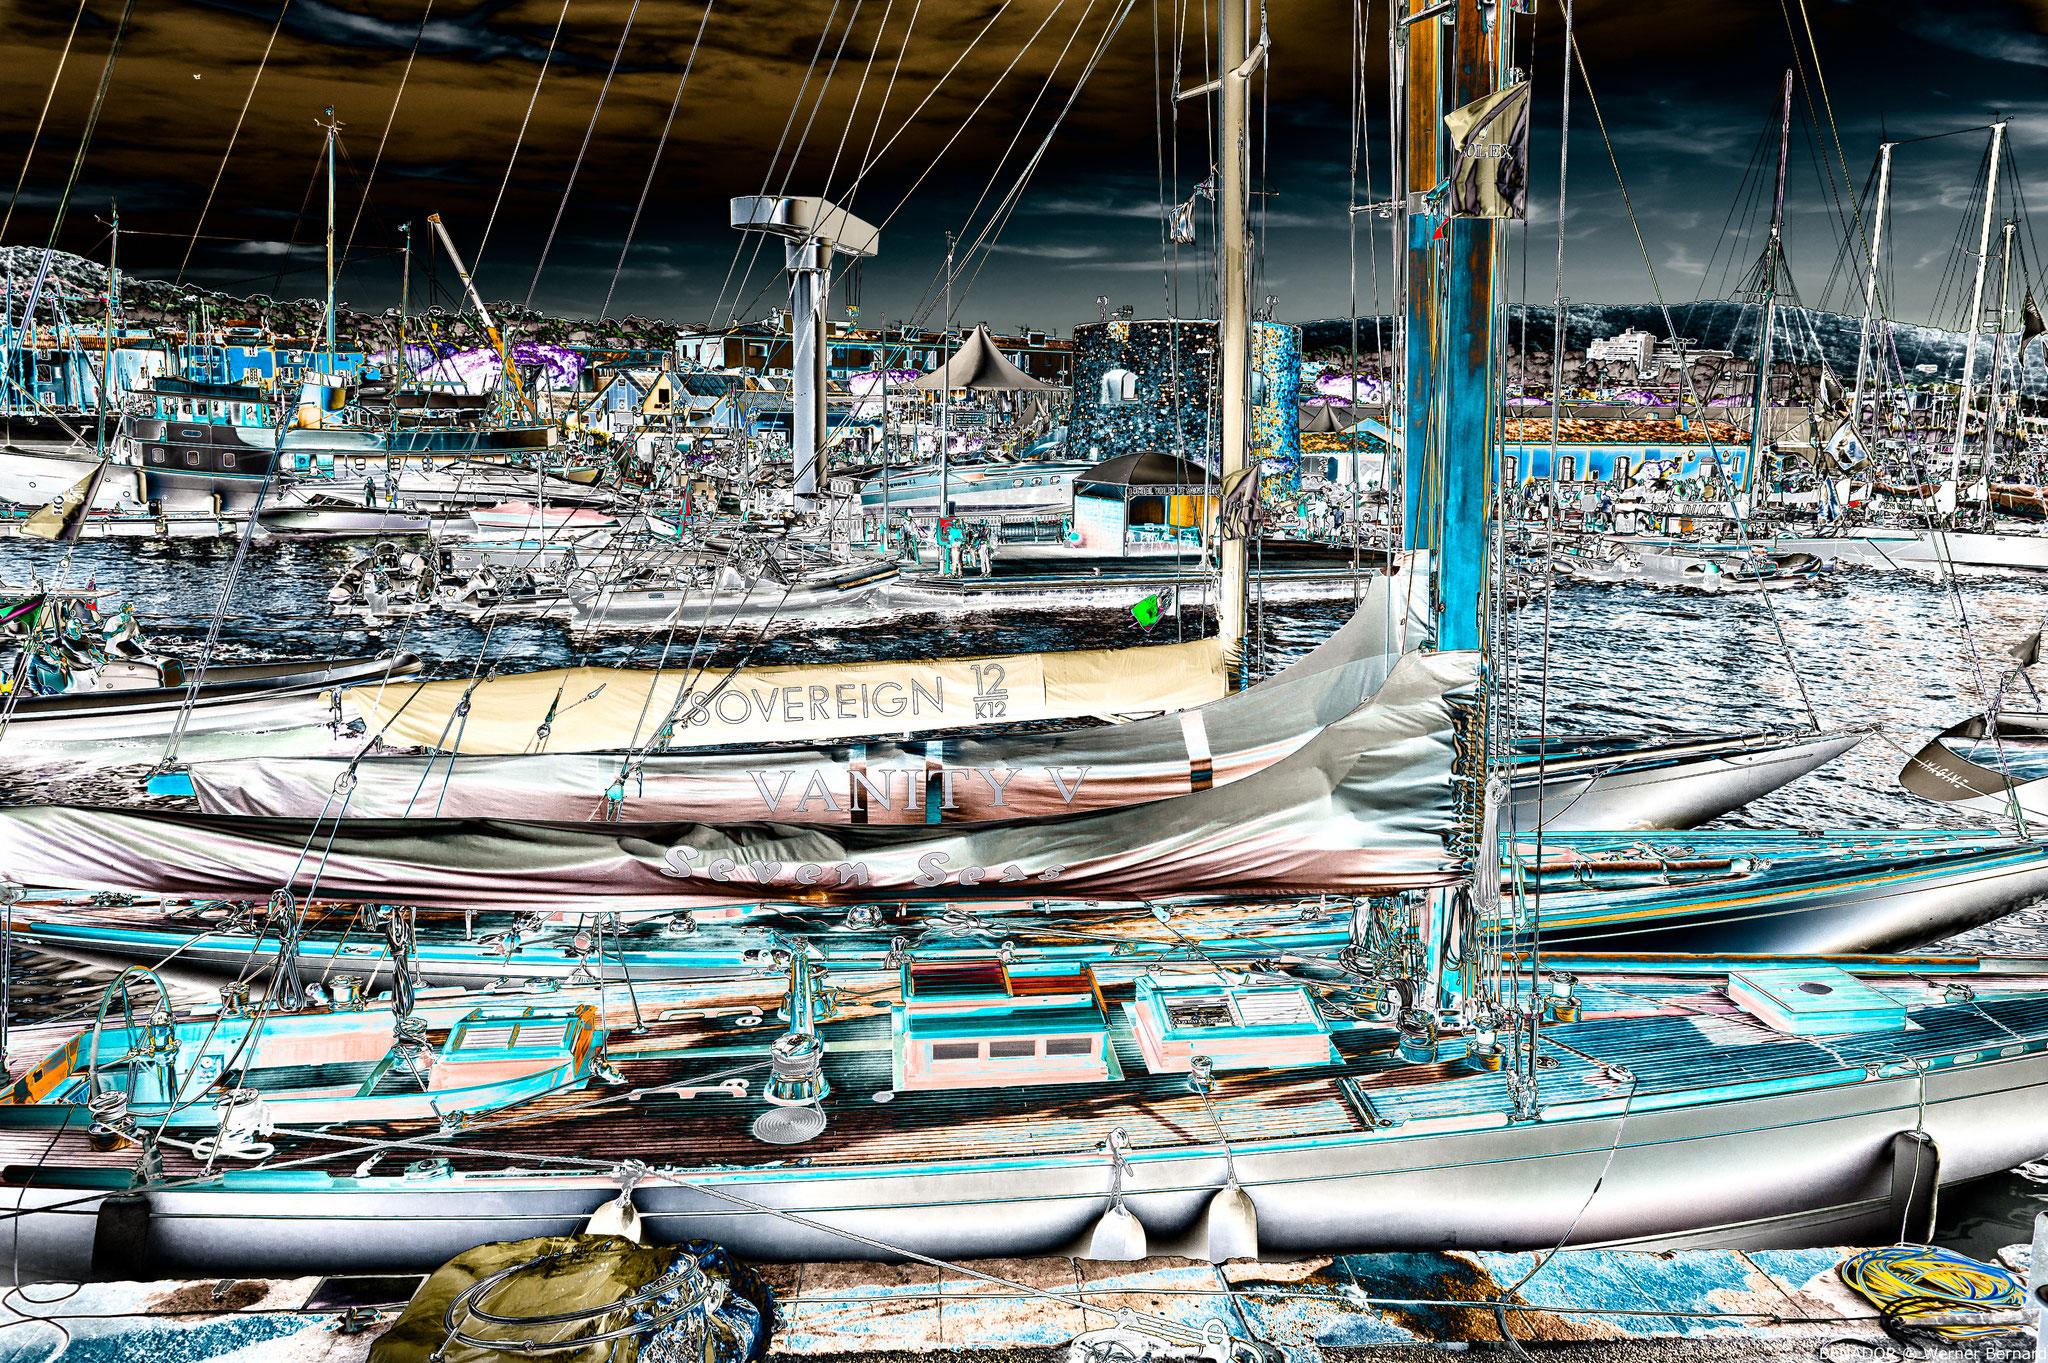 Les Voiles de St. Tropez 2012 8